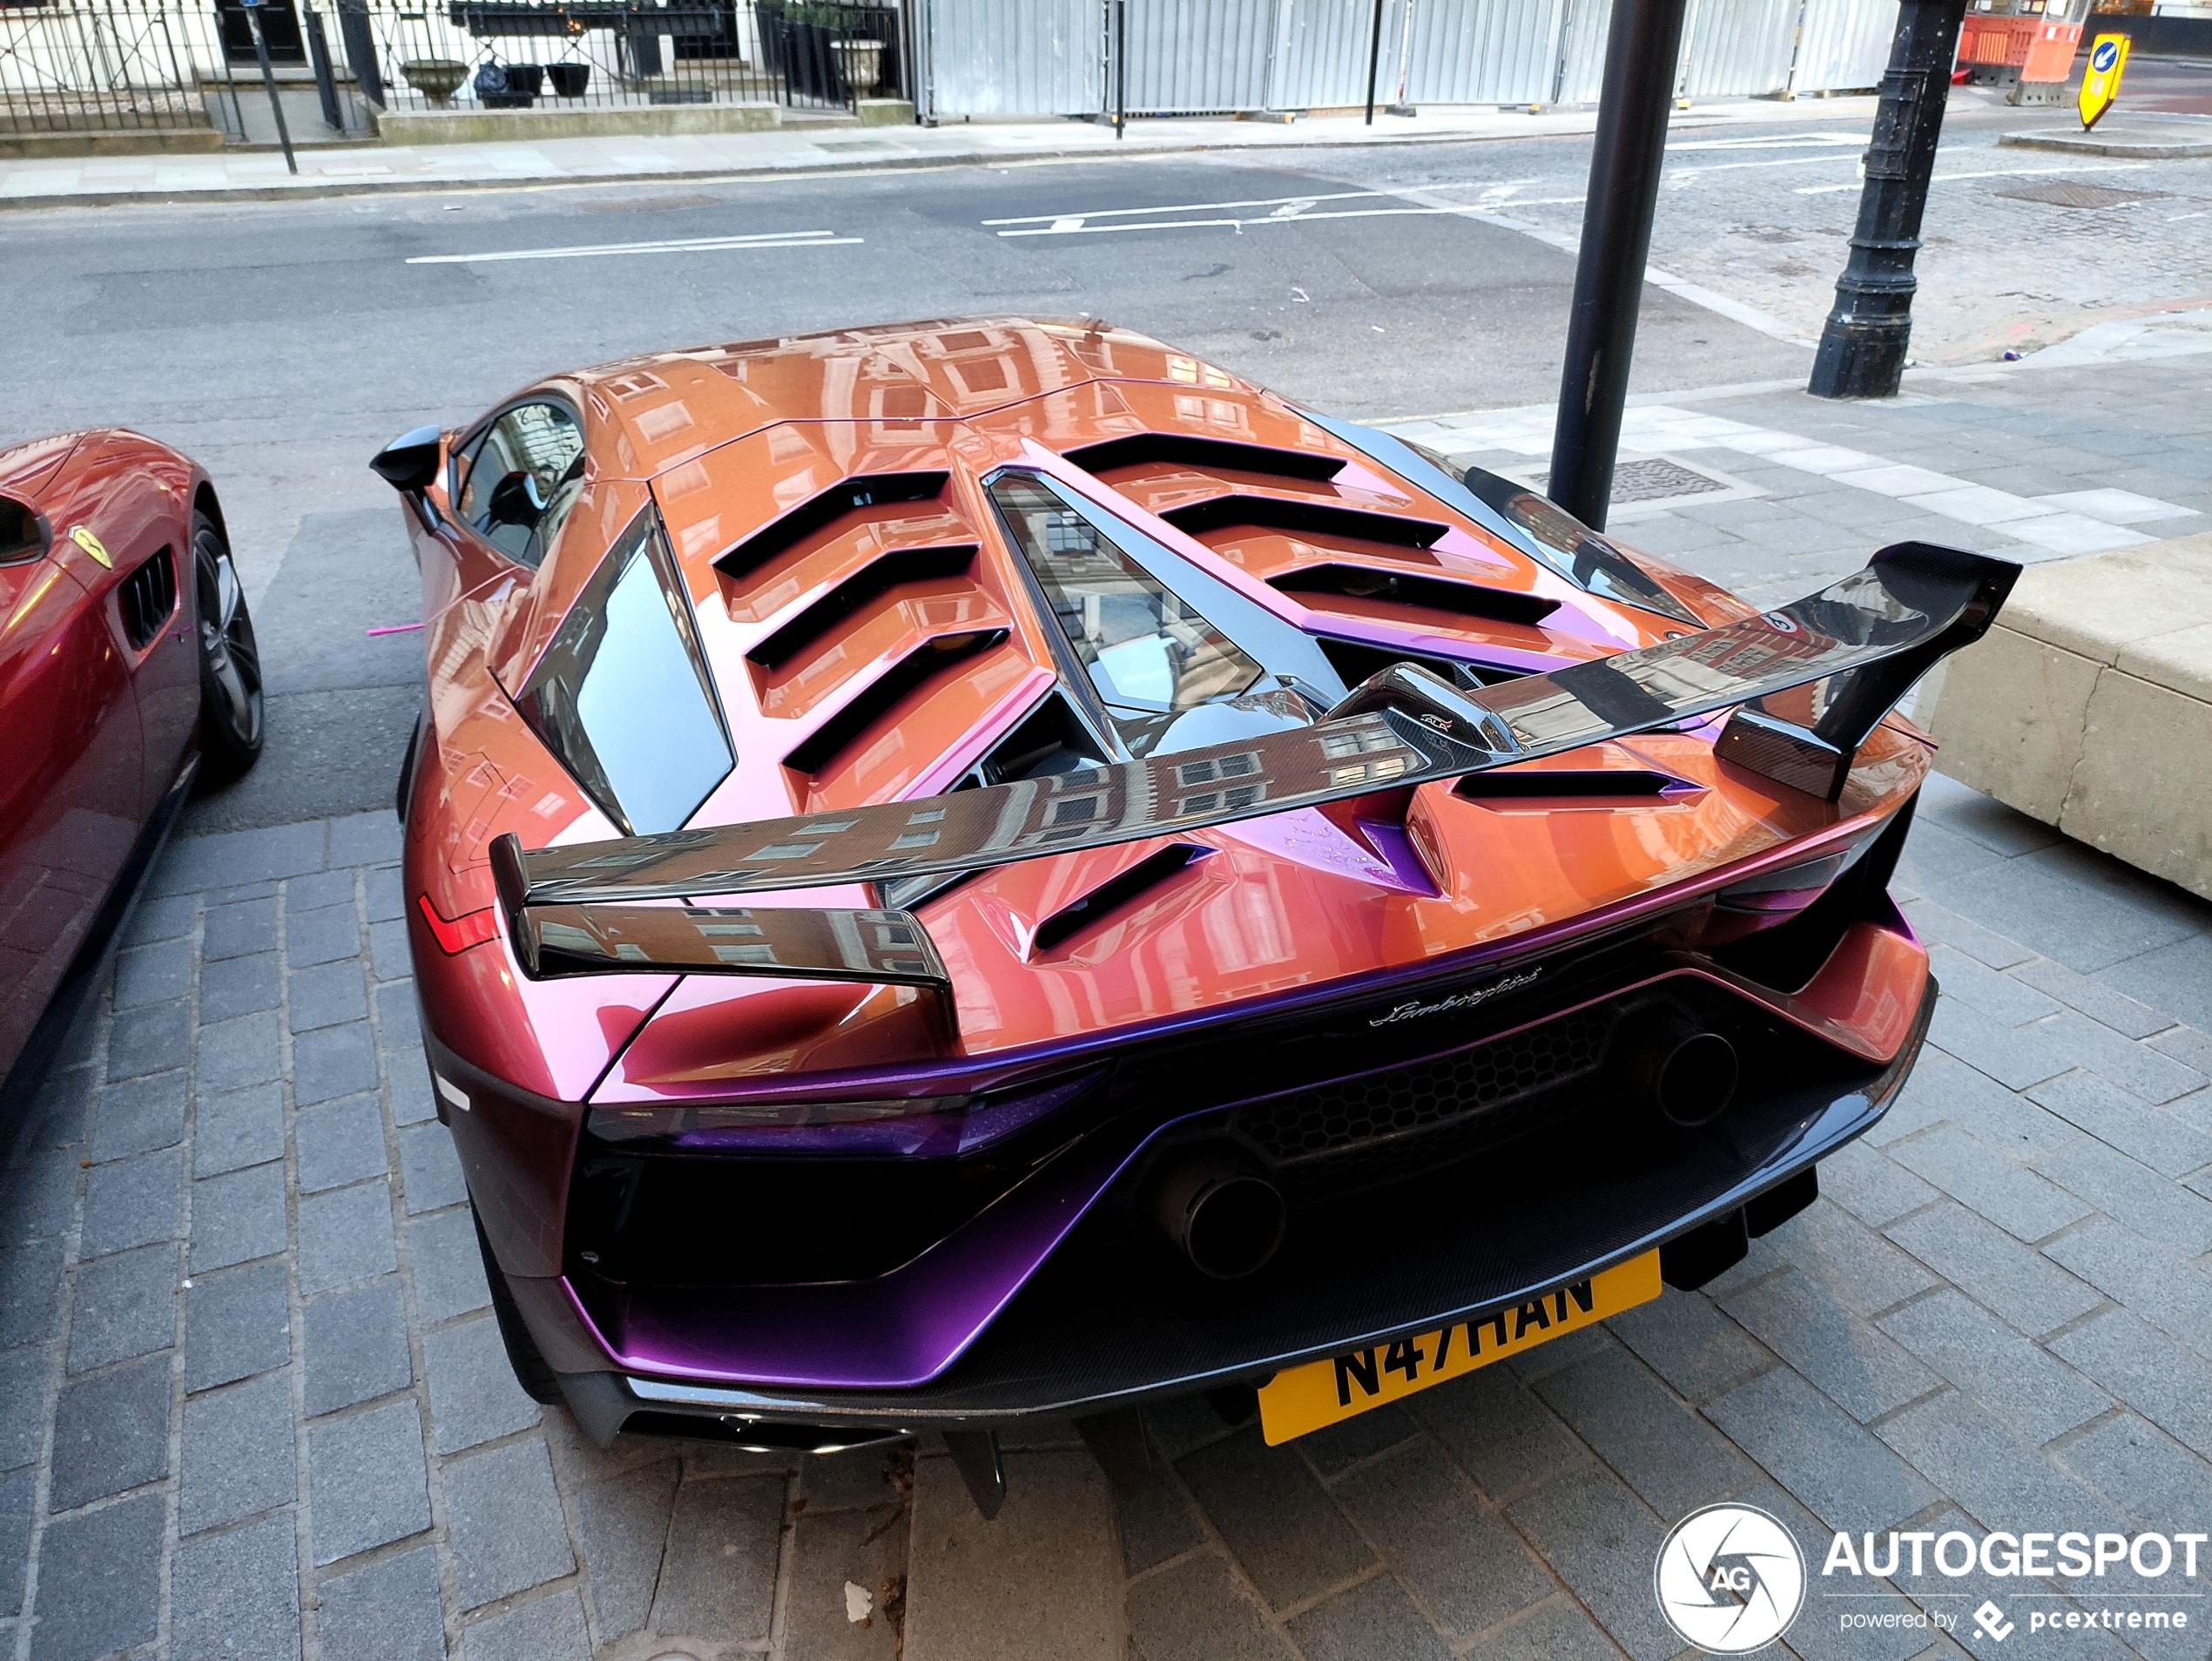 We hebben weer een rondje nieuwe Lamborghini Aventador LP770-4 SVJ